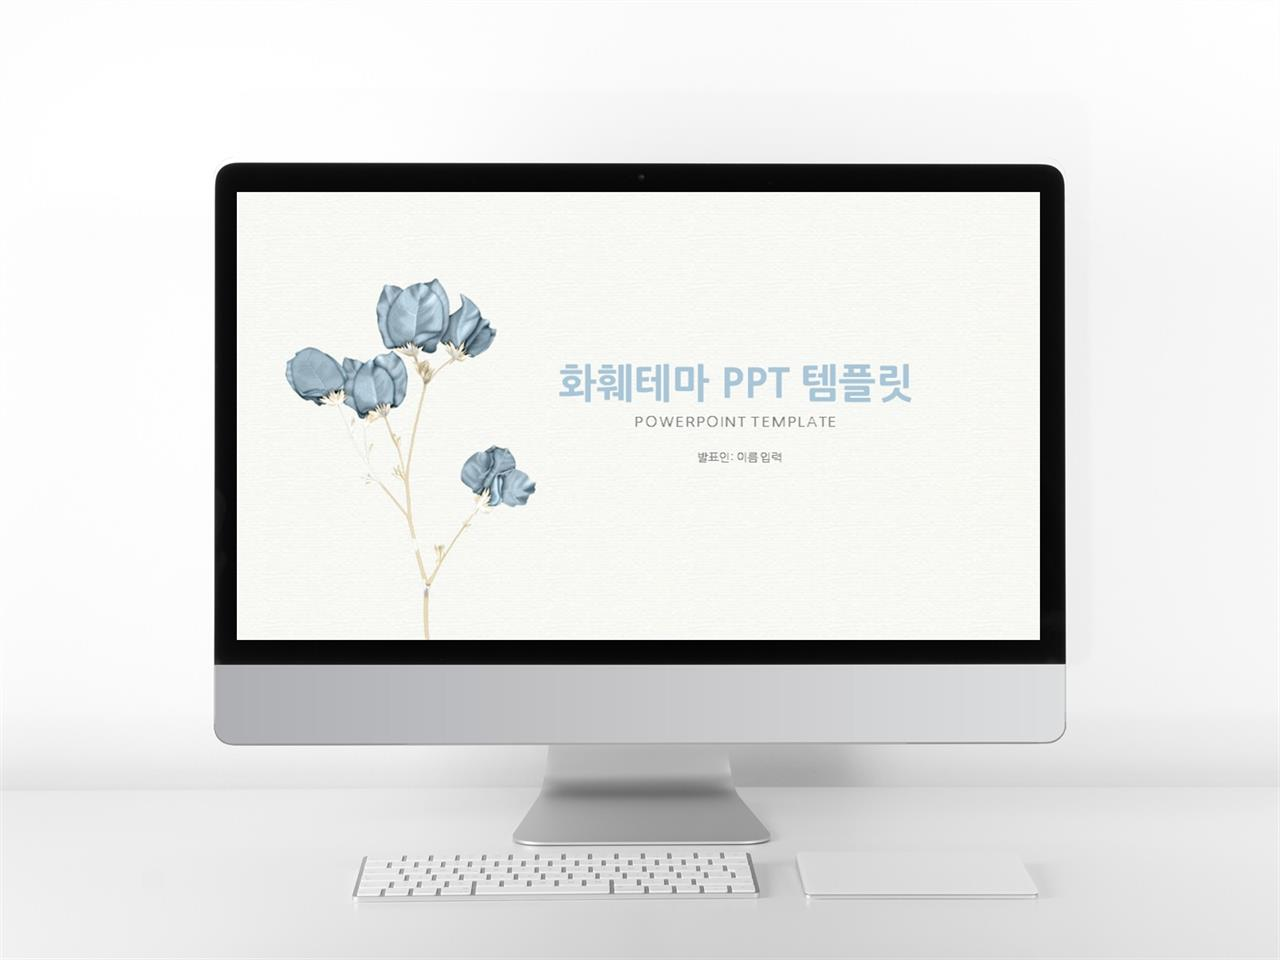 꽃과 동식물 주제 자주색 깜찍한 발표용 POWERPOINT테마 다운 미리보기